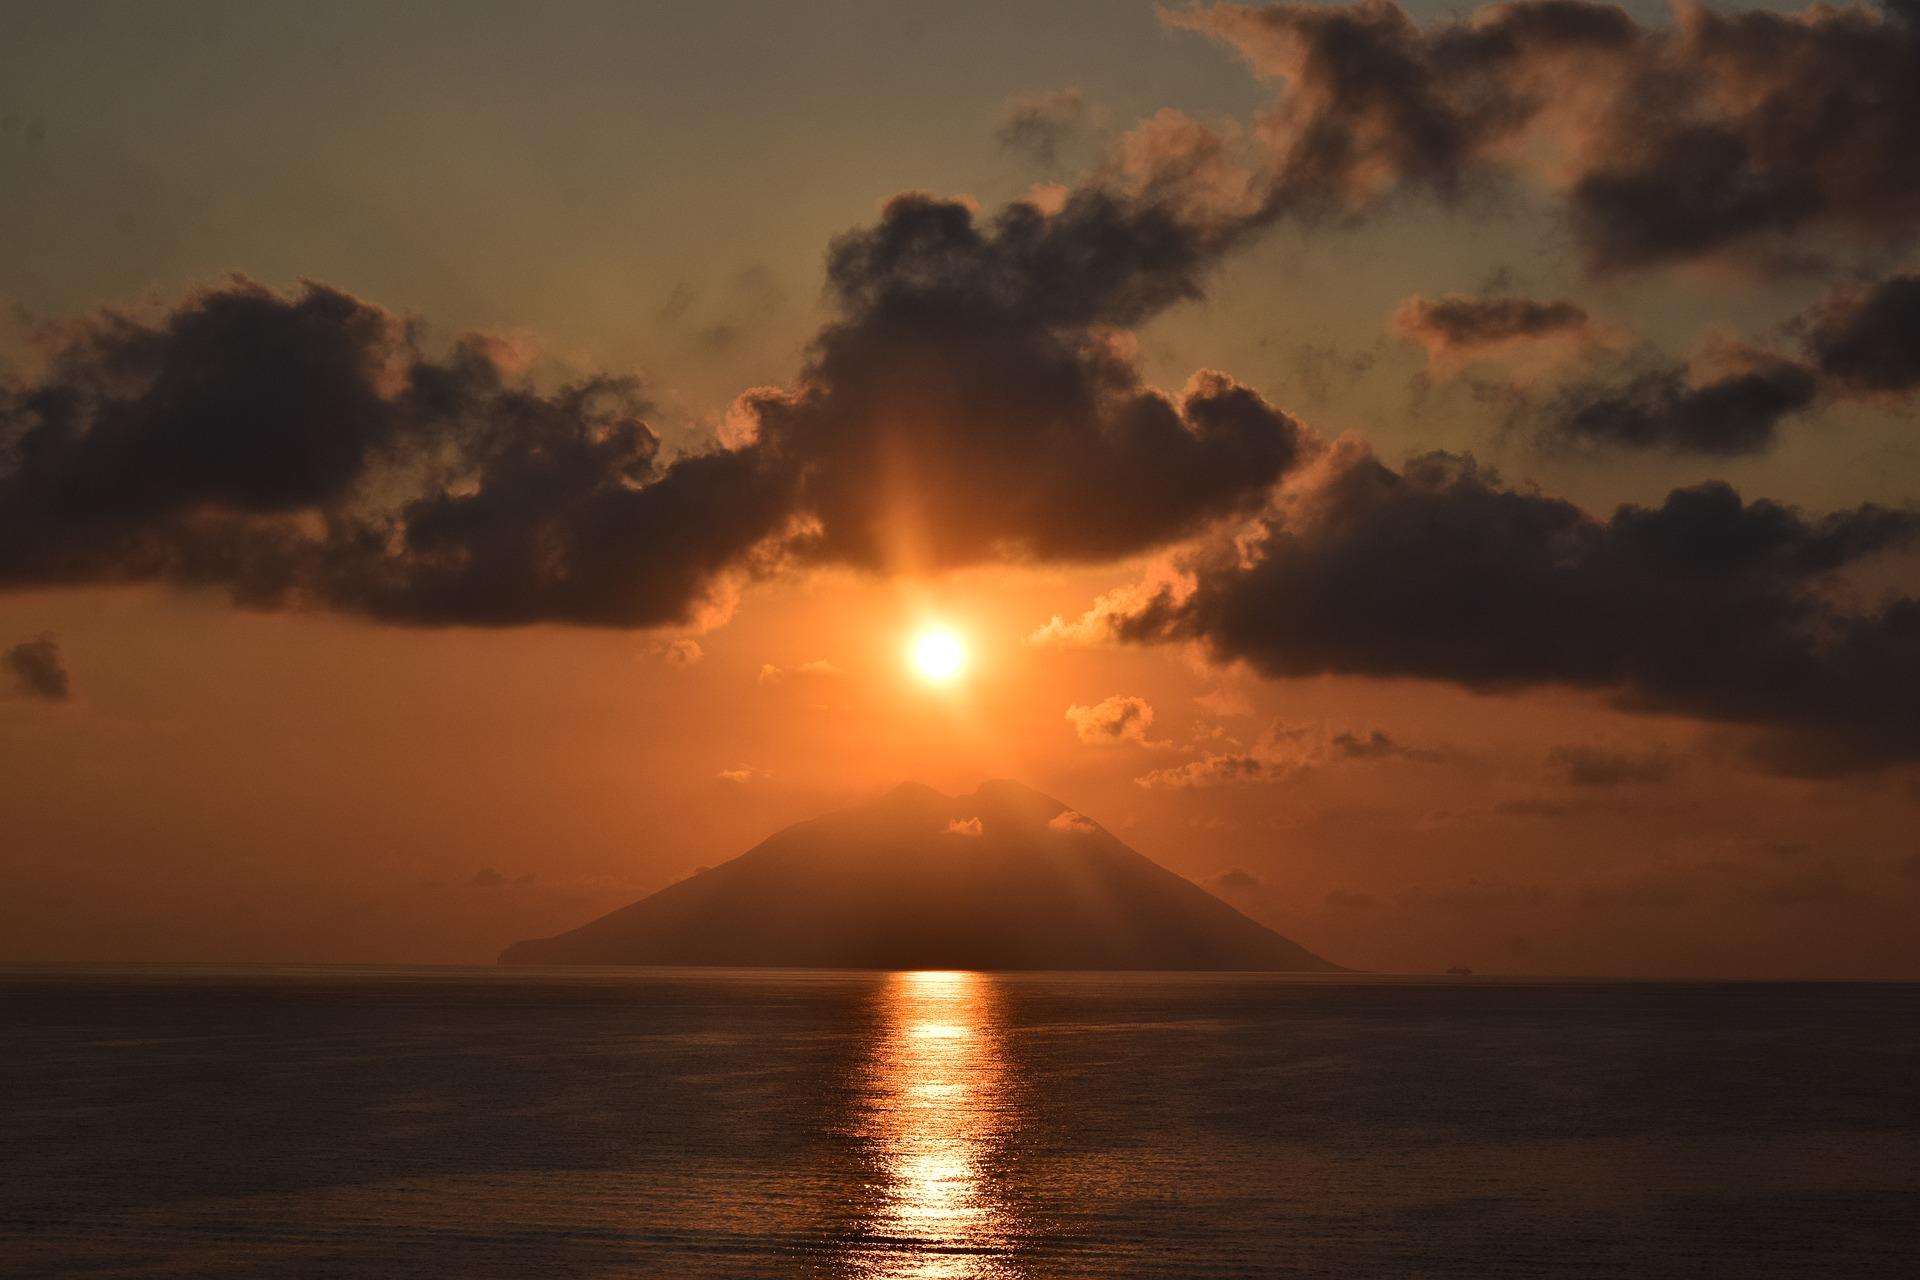 Cosa sappiamo in merito all'attività del vulcano Stromboli?